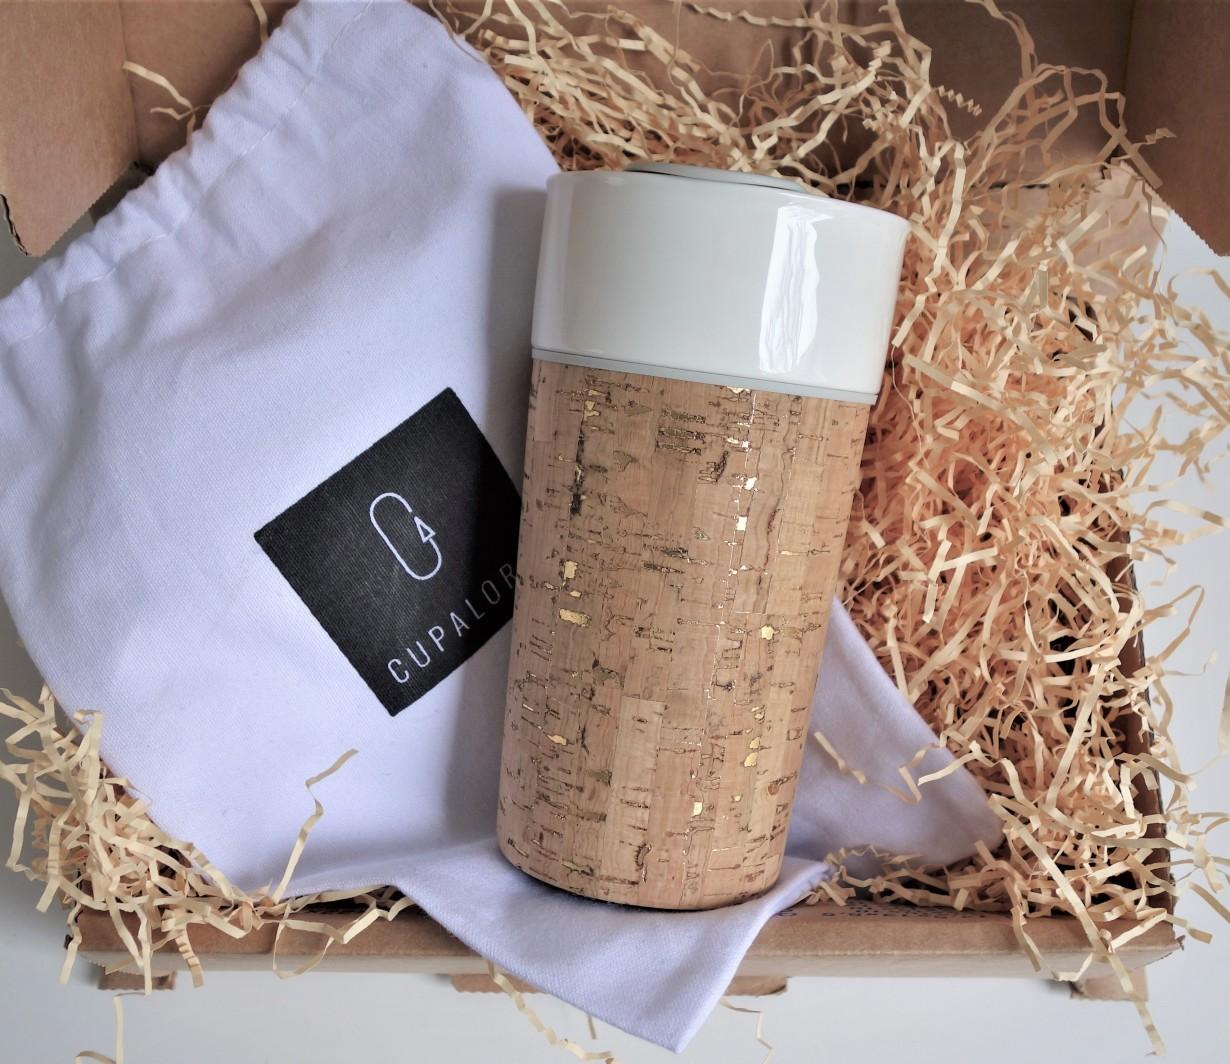 Gold flecked cork leather, Cuir de liège Naturel & Or